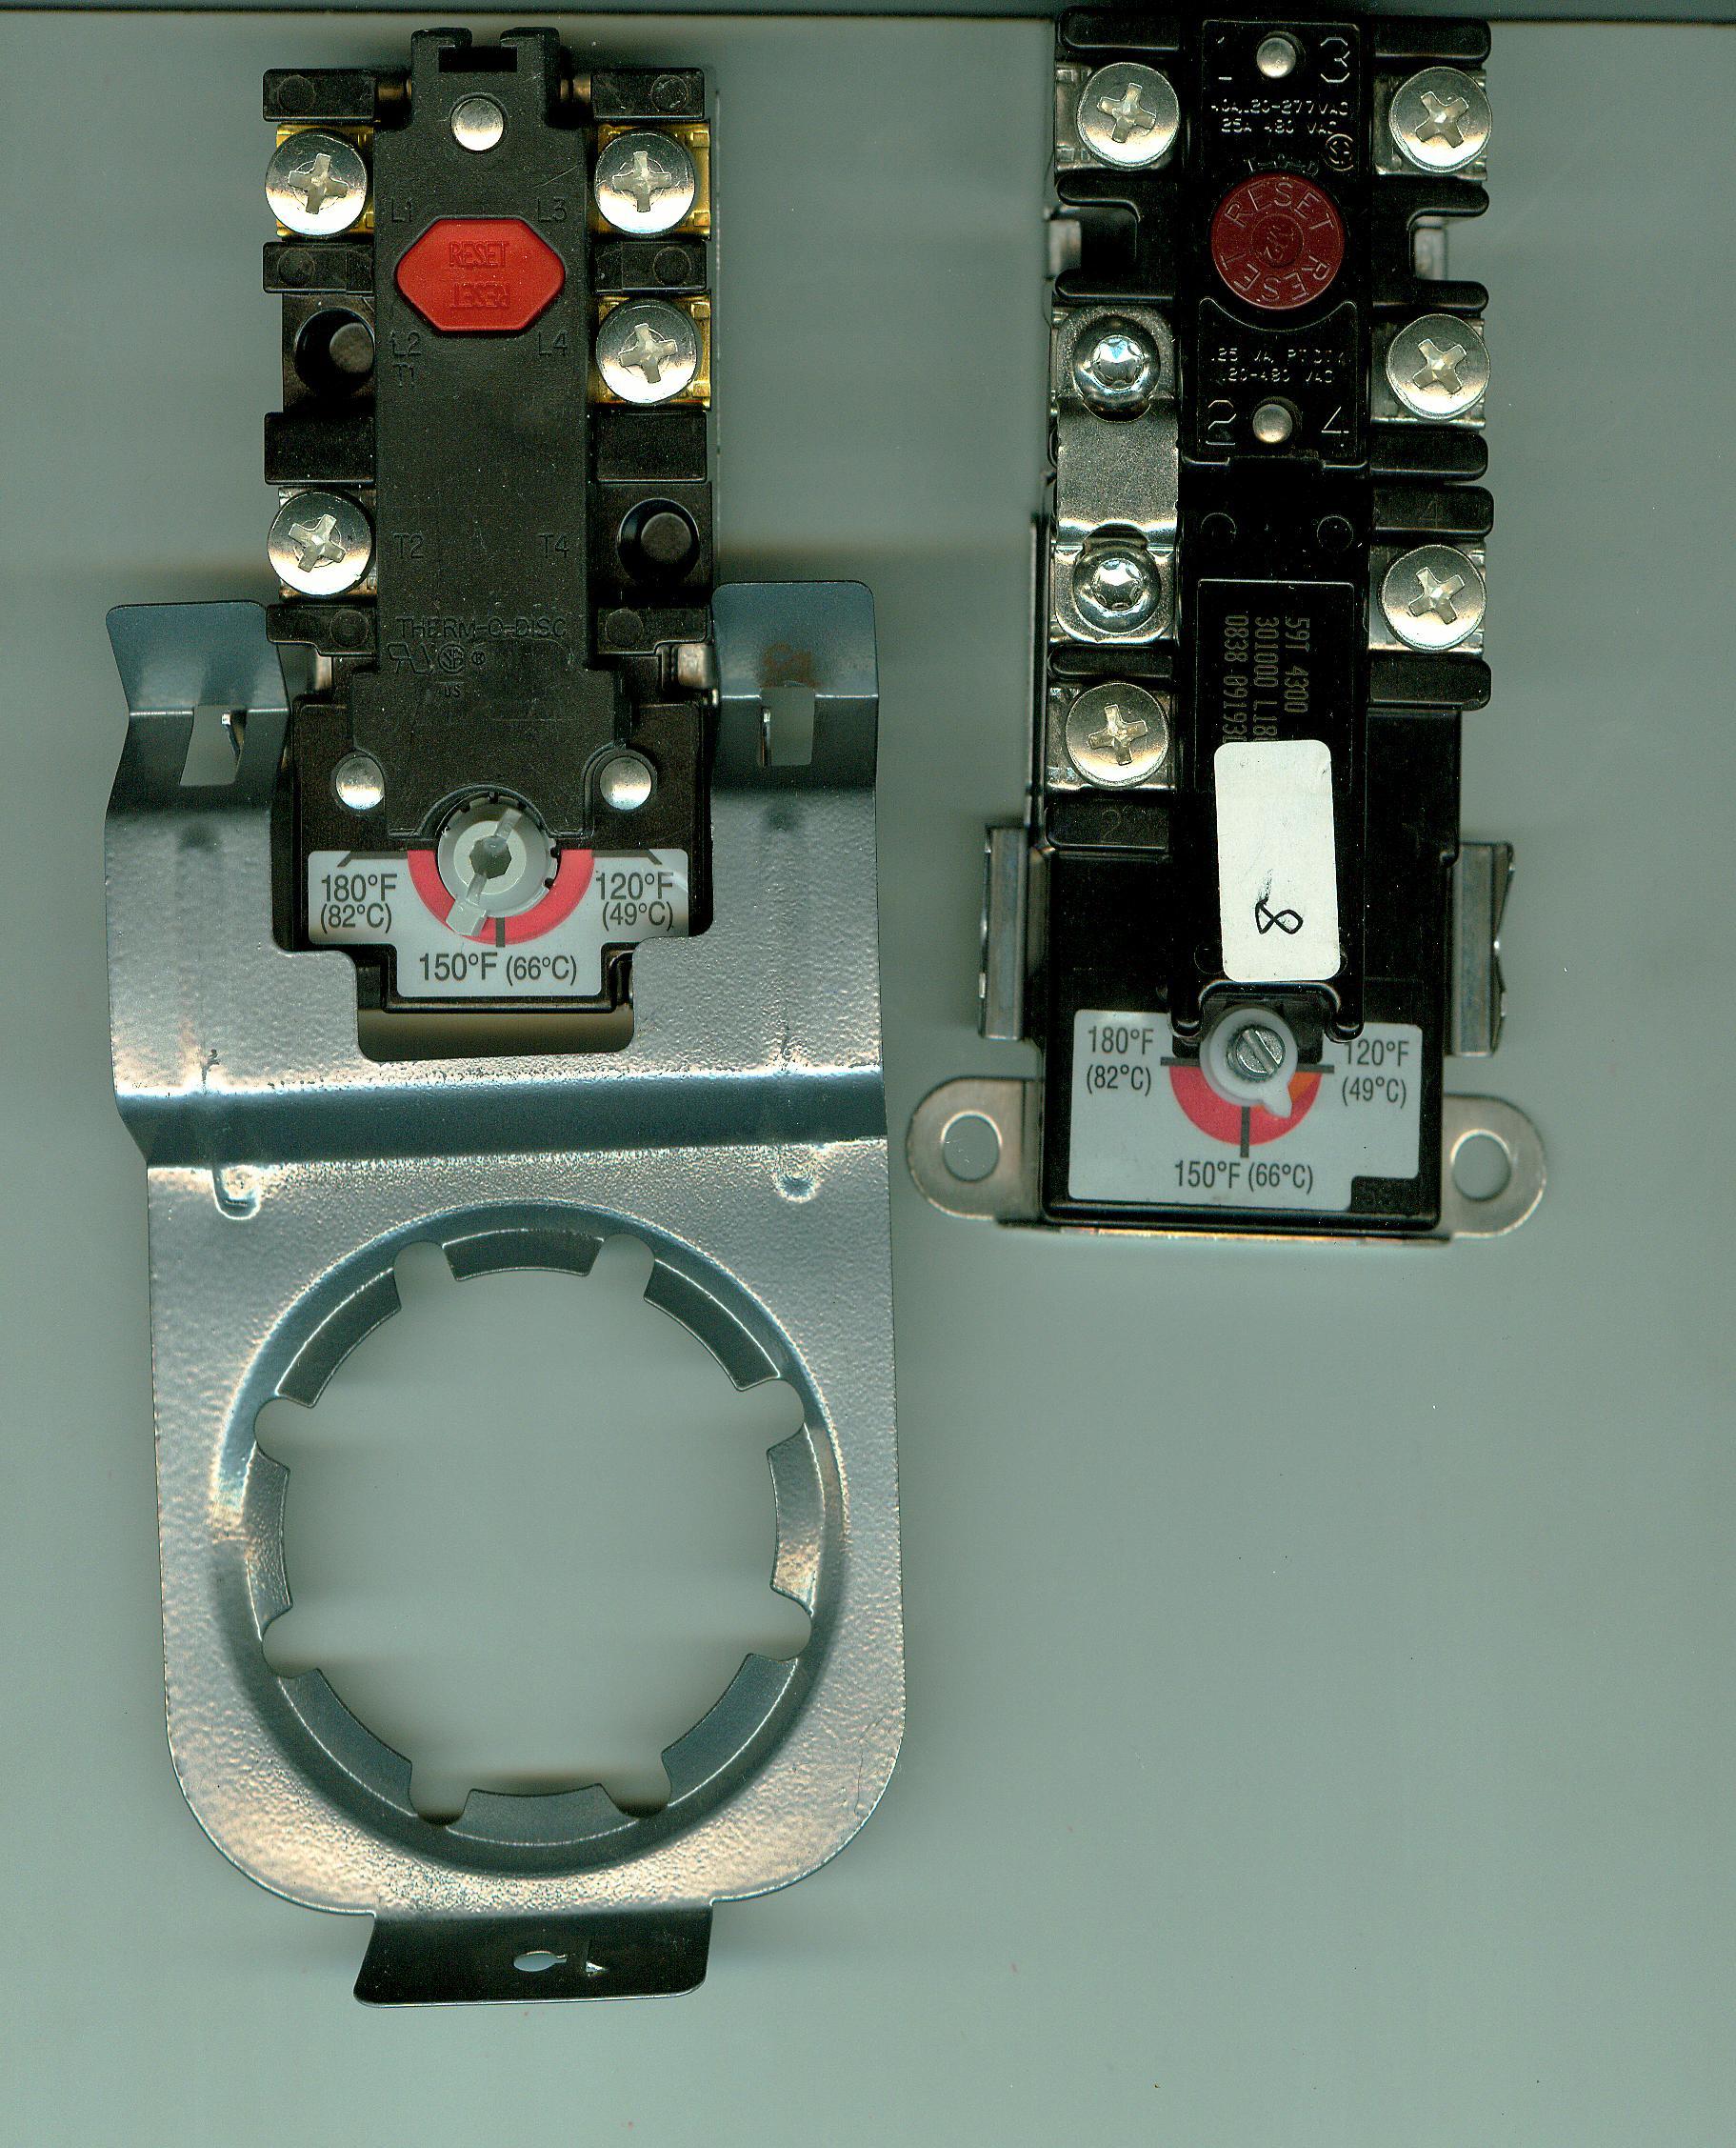 单加热管热水器温控仪59T、限温保护器66T